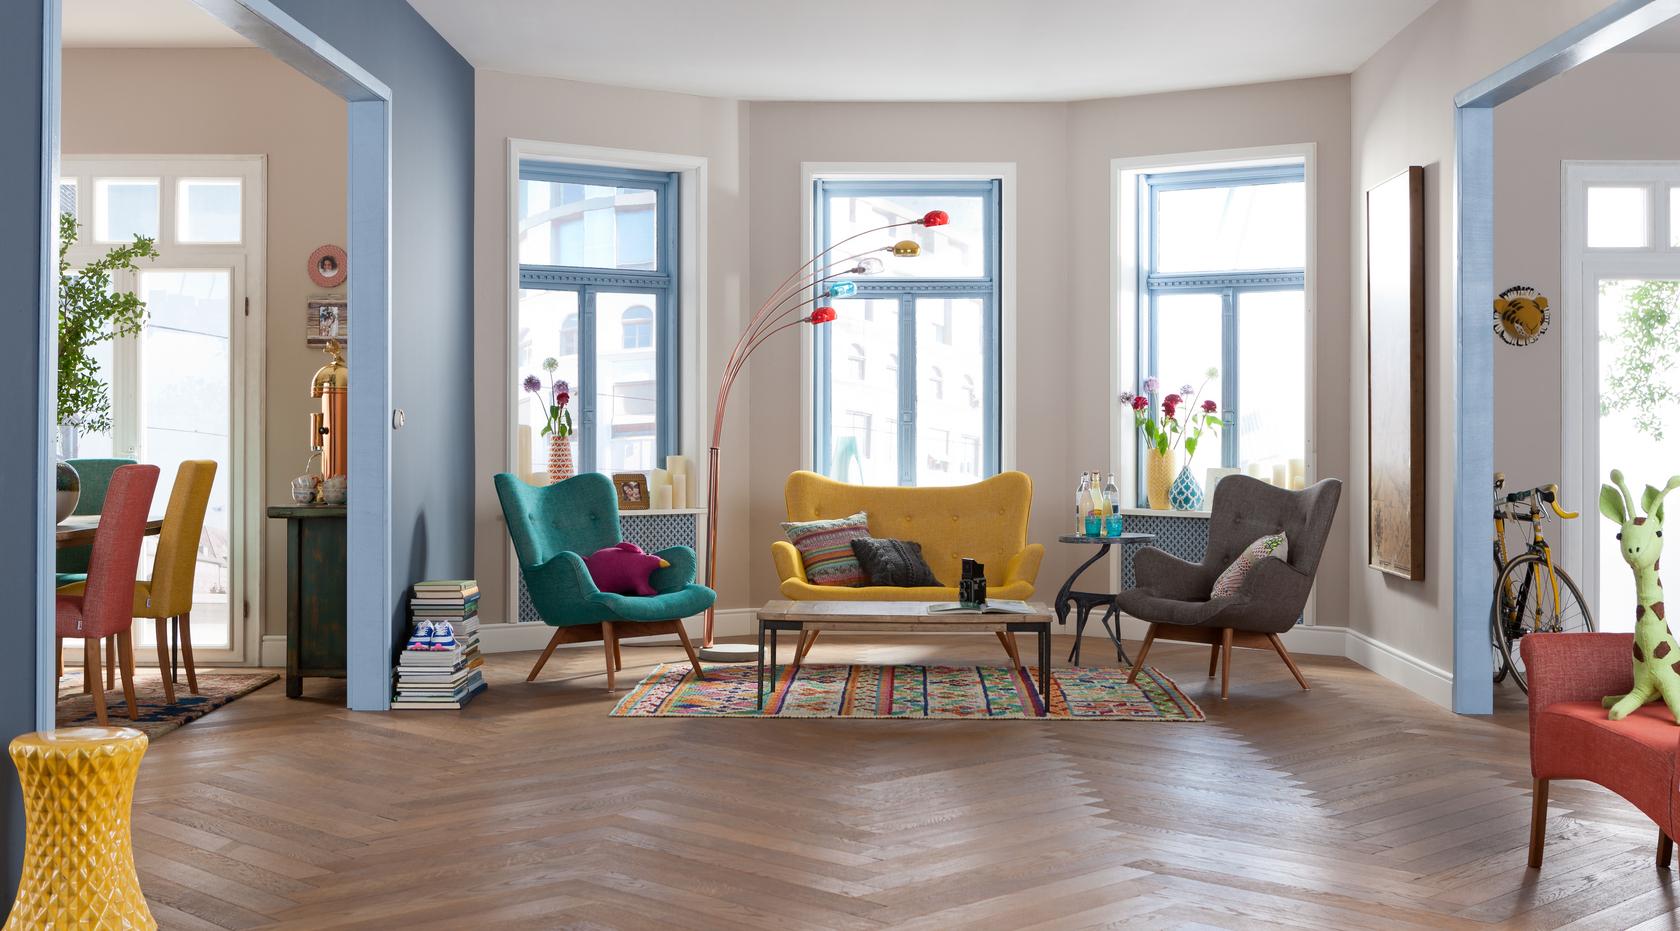 Neuheiten tendence 2014 wohnen und dekorieren trends for Kare design gmbh